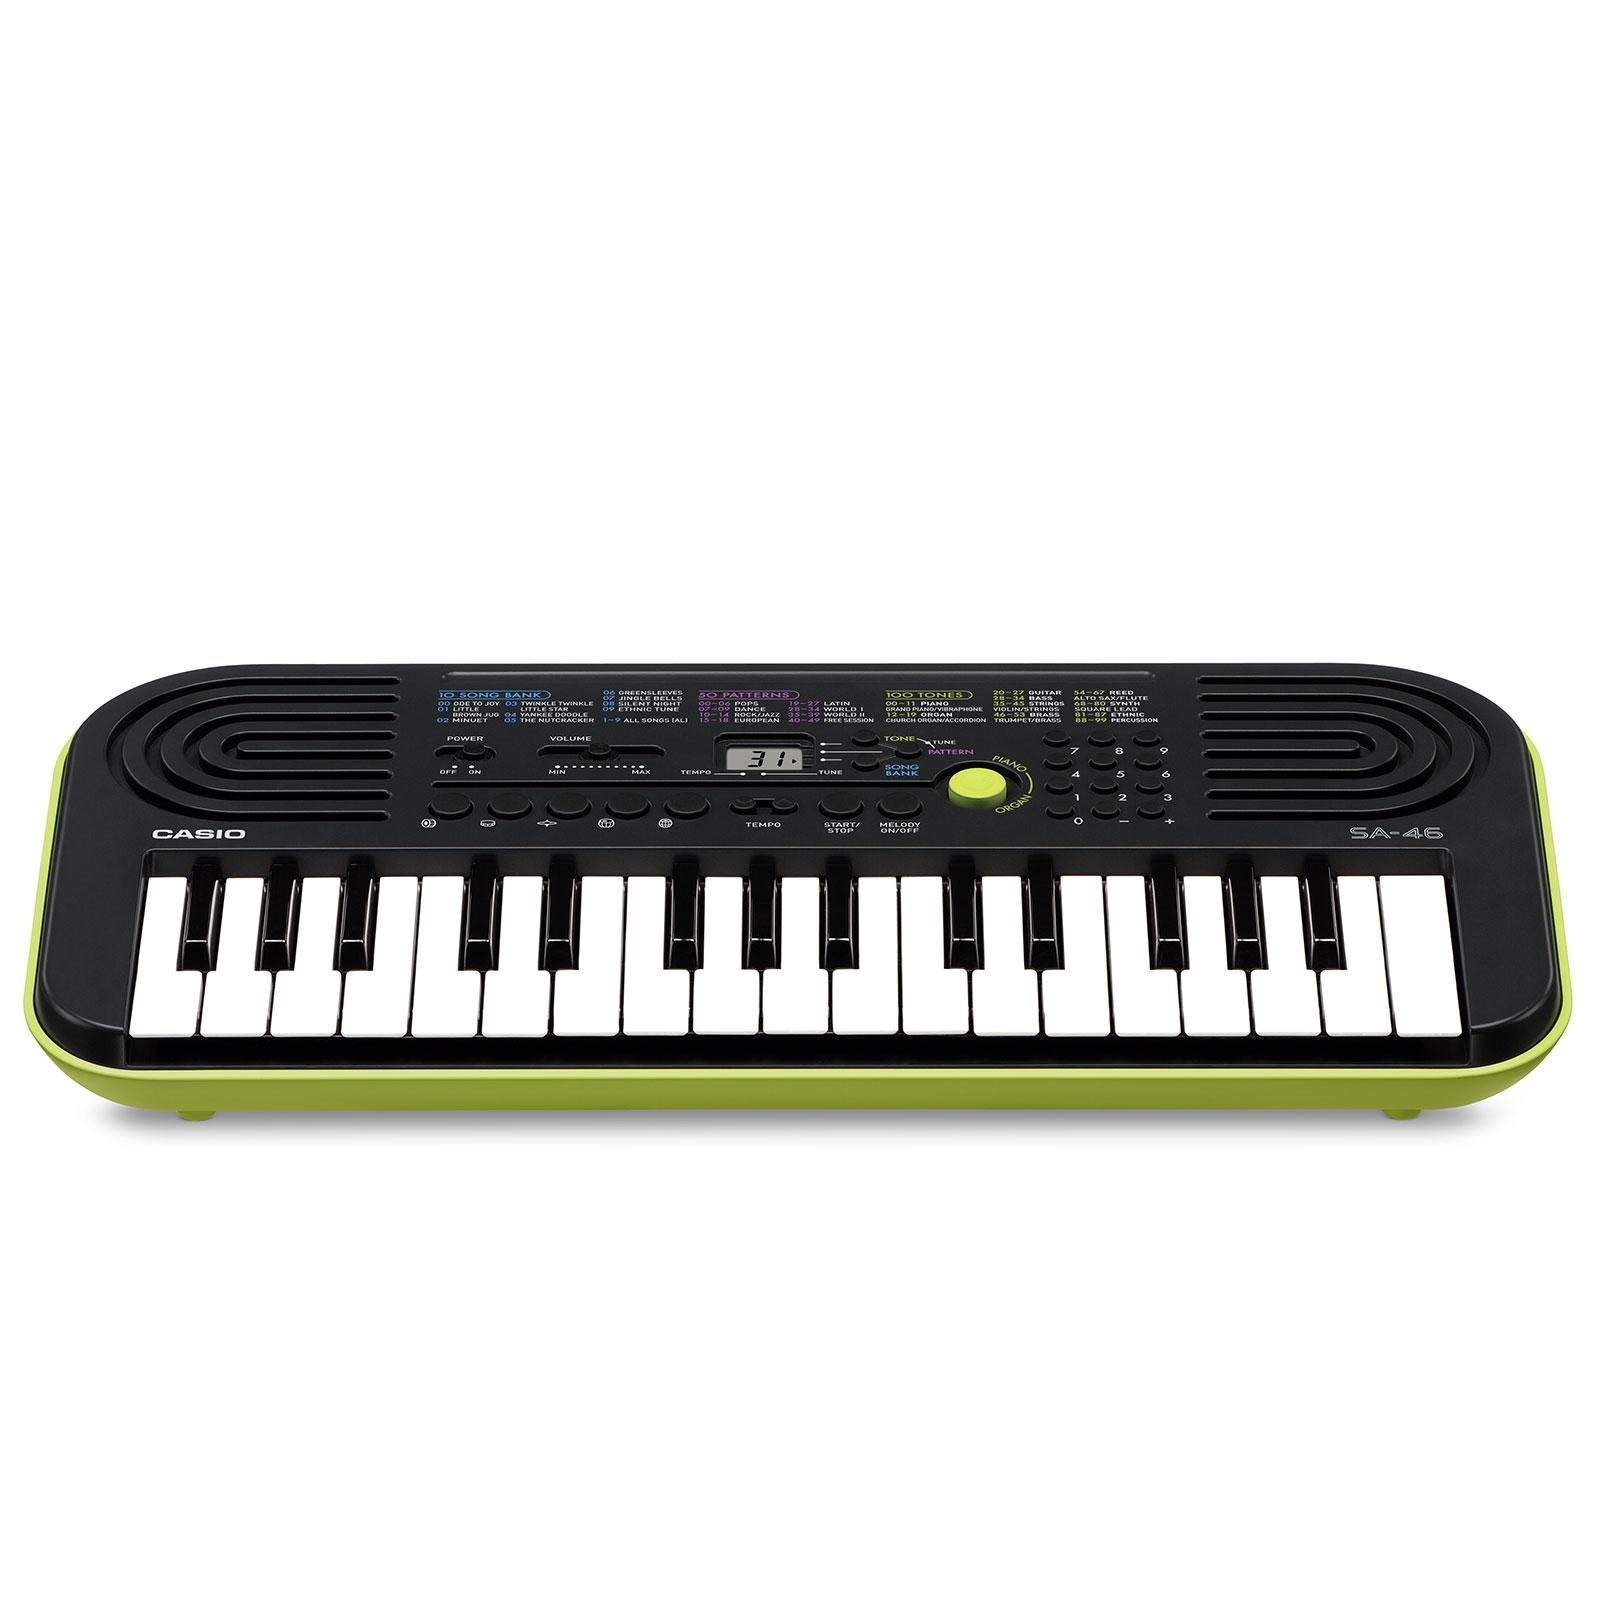 keyboard-casio-SA-463